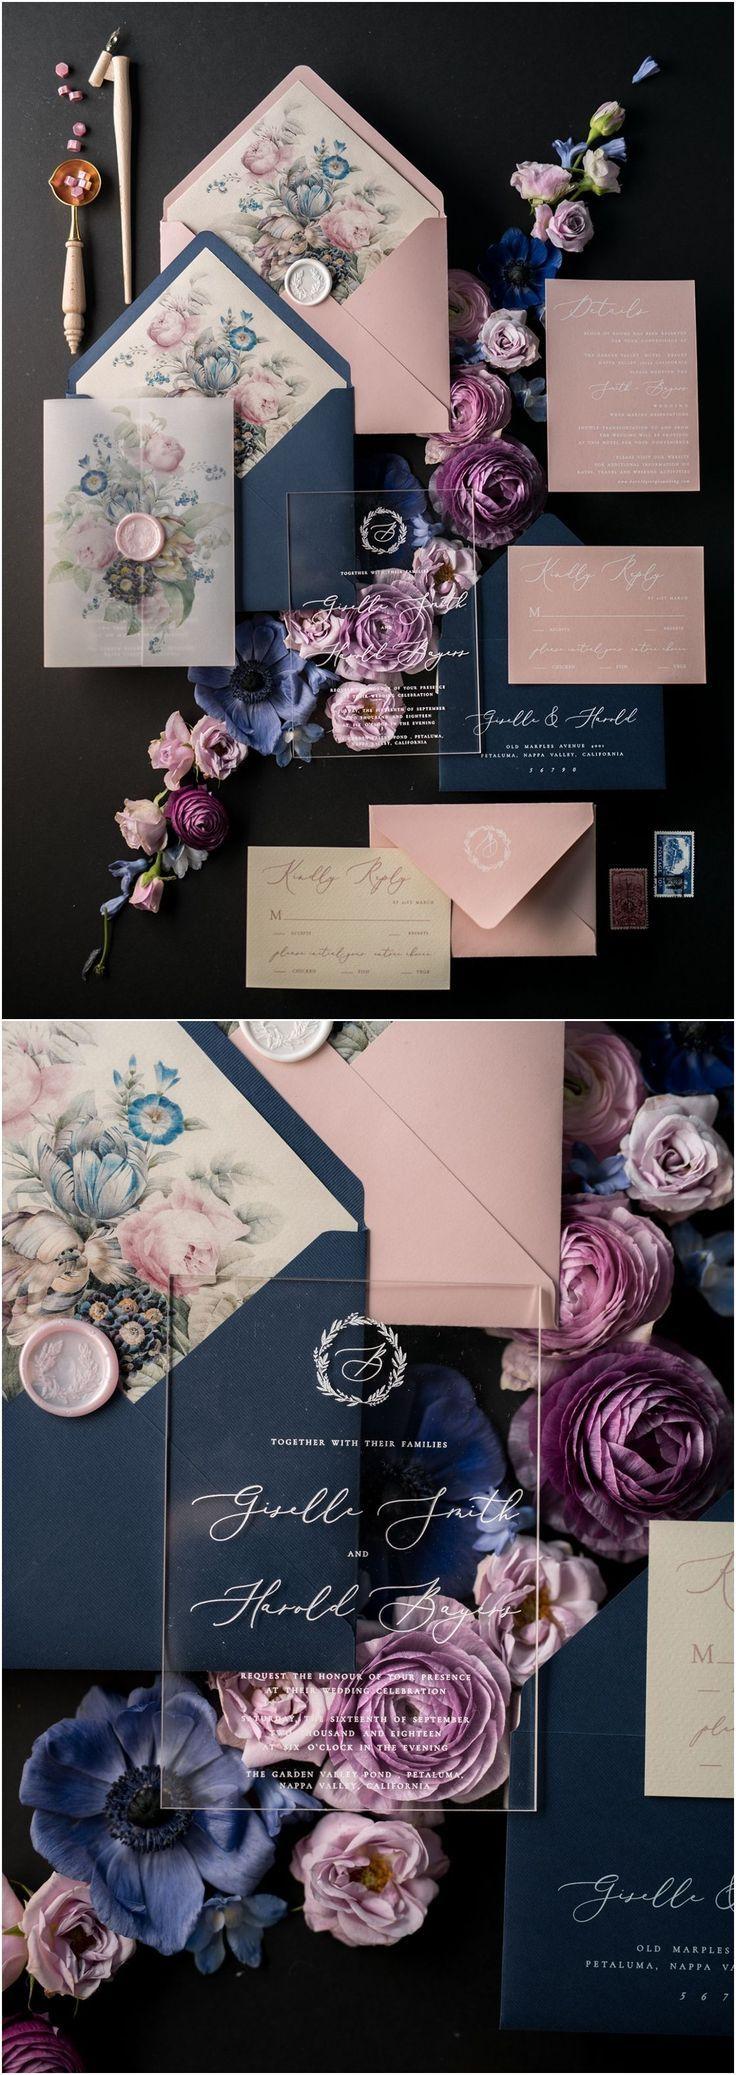 Invitaciones de boda vintage azul marino y rosa 01 / ACGN / z # bodas #navywedding #pink